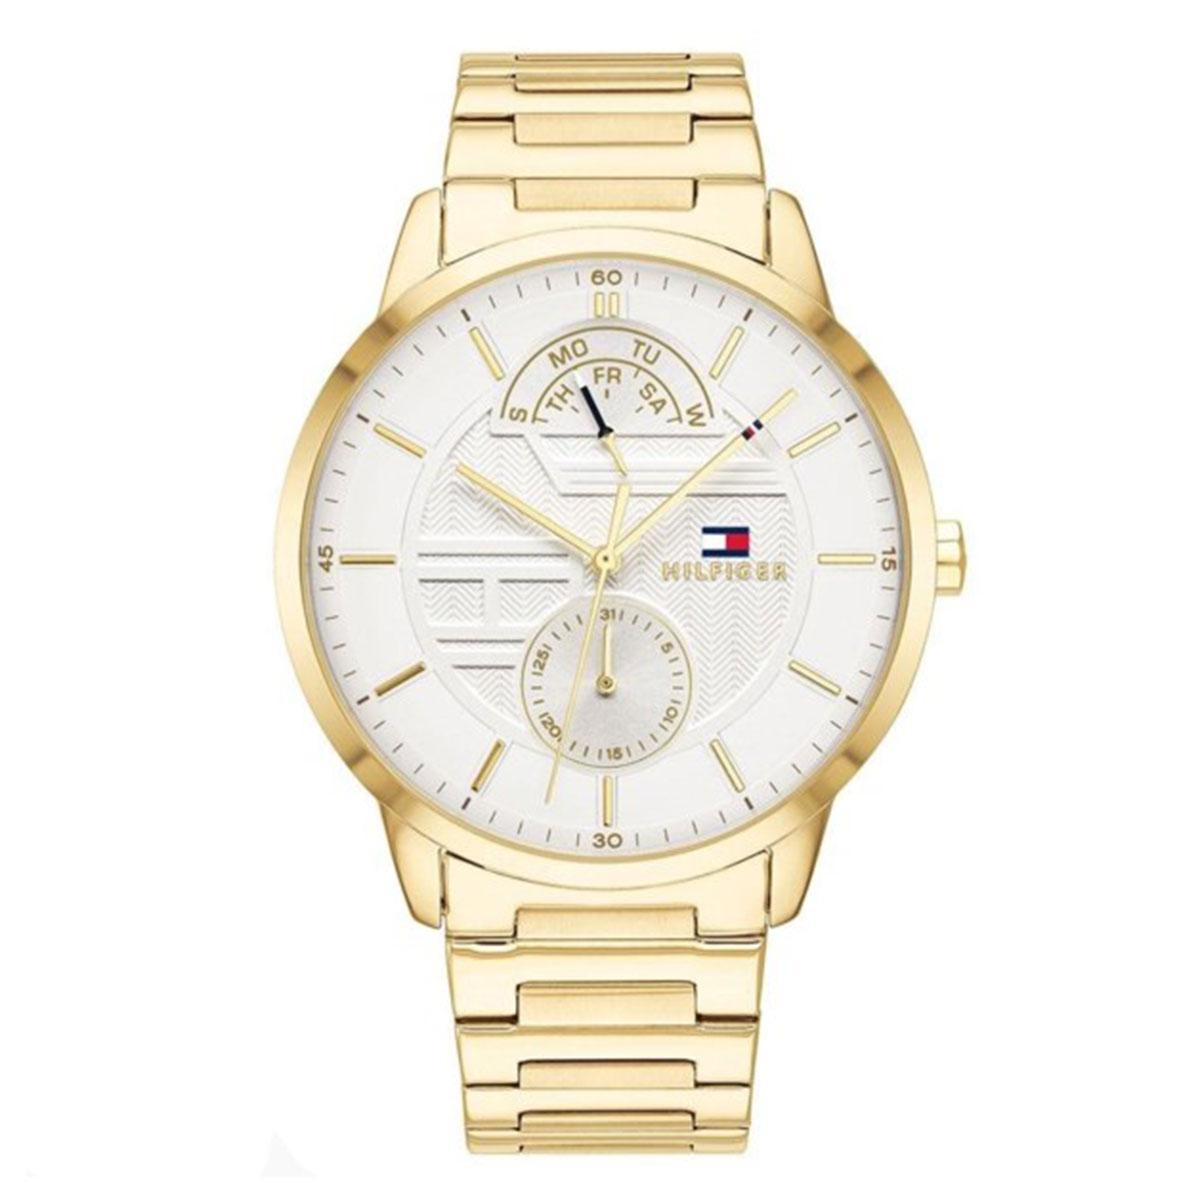 トミー ヒルフィガー Tommy Hilfiger 1791609 ステンレス ゴールド 並行輸入品 メンズ 腕時計 ウォッチ 送料無料 ギフト プレゼント クリスマス 誕生日 記念日 贈り物 人気 おしゃれ ペア 祝い セール 結婚式 メンズ レディース